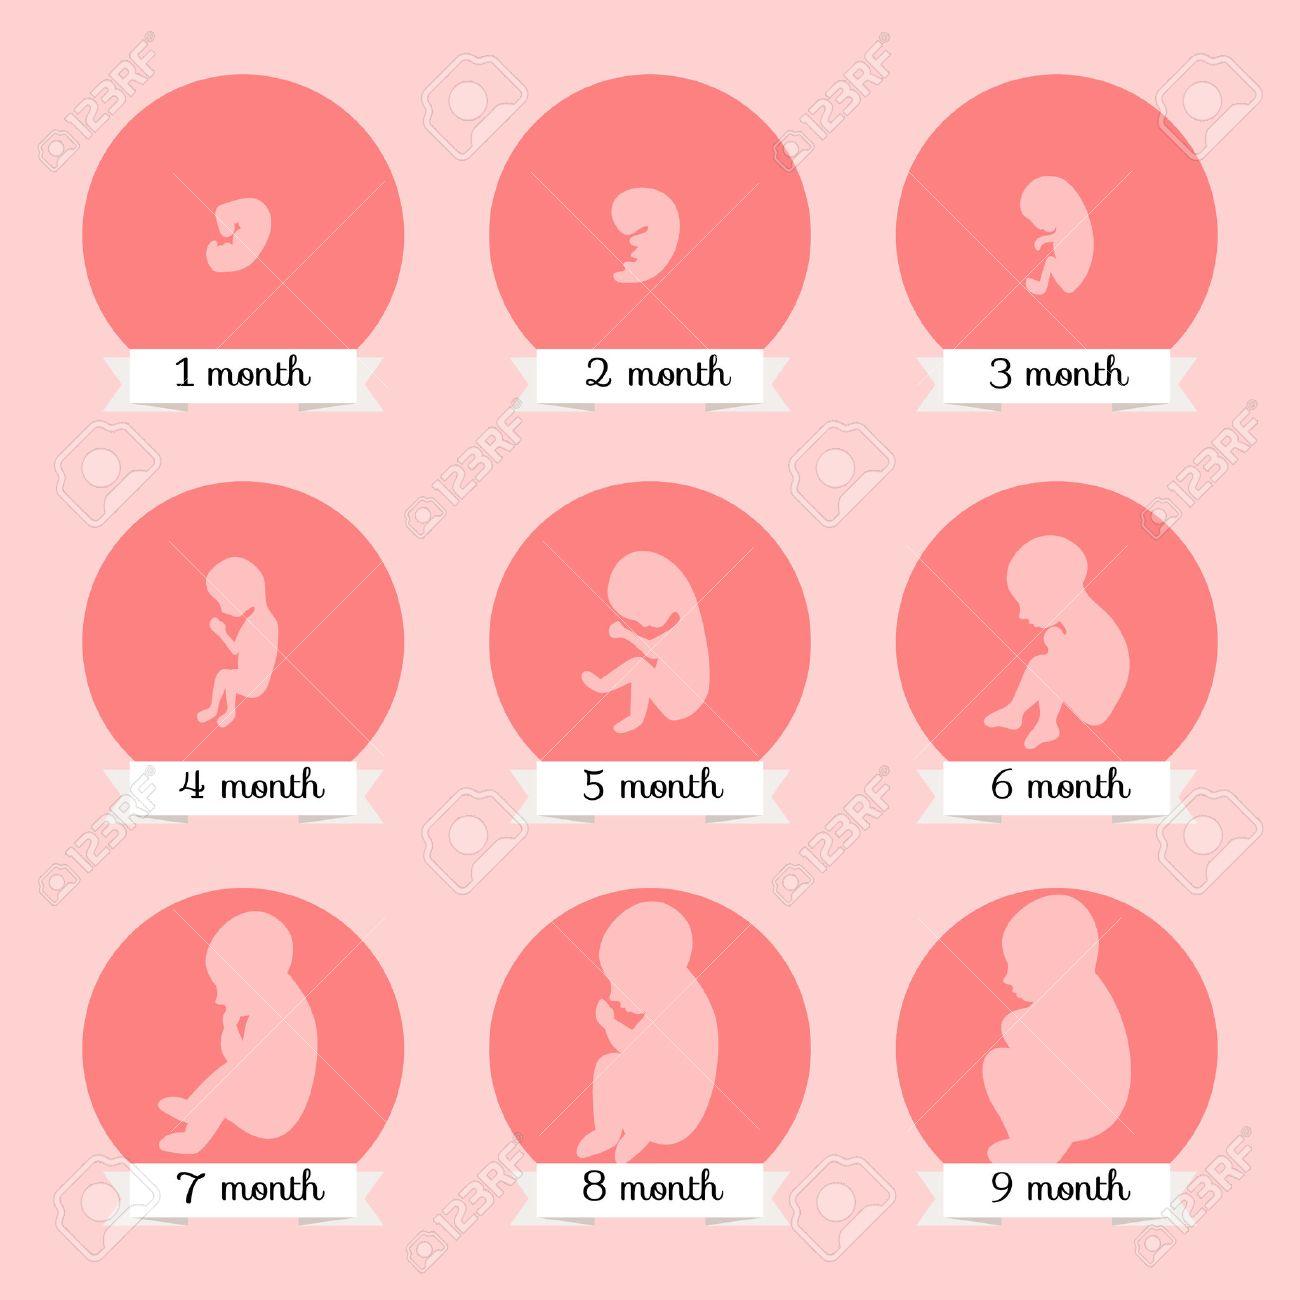 e6f245bad El desarrollo del embrión. etapas Humanos de crecimiento del feto de  ilustración embarazo vector.